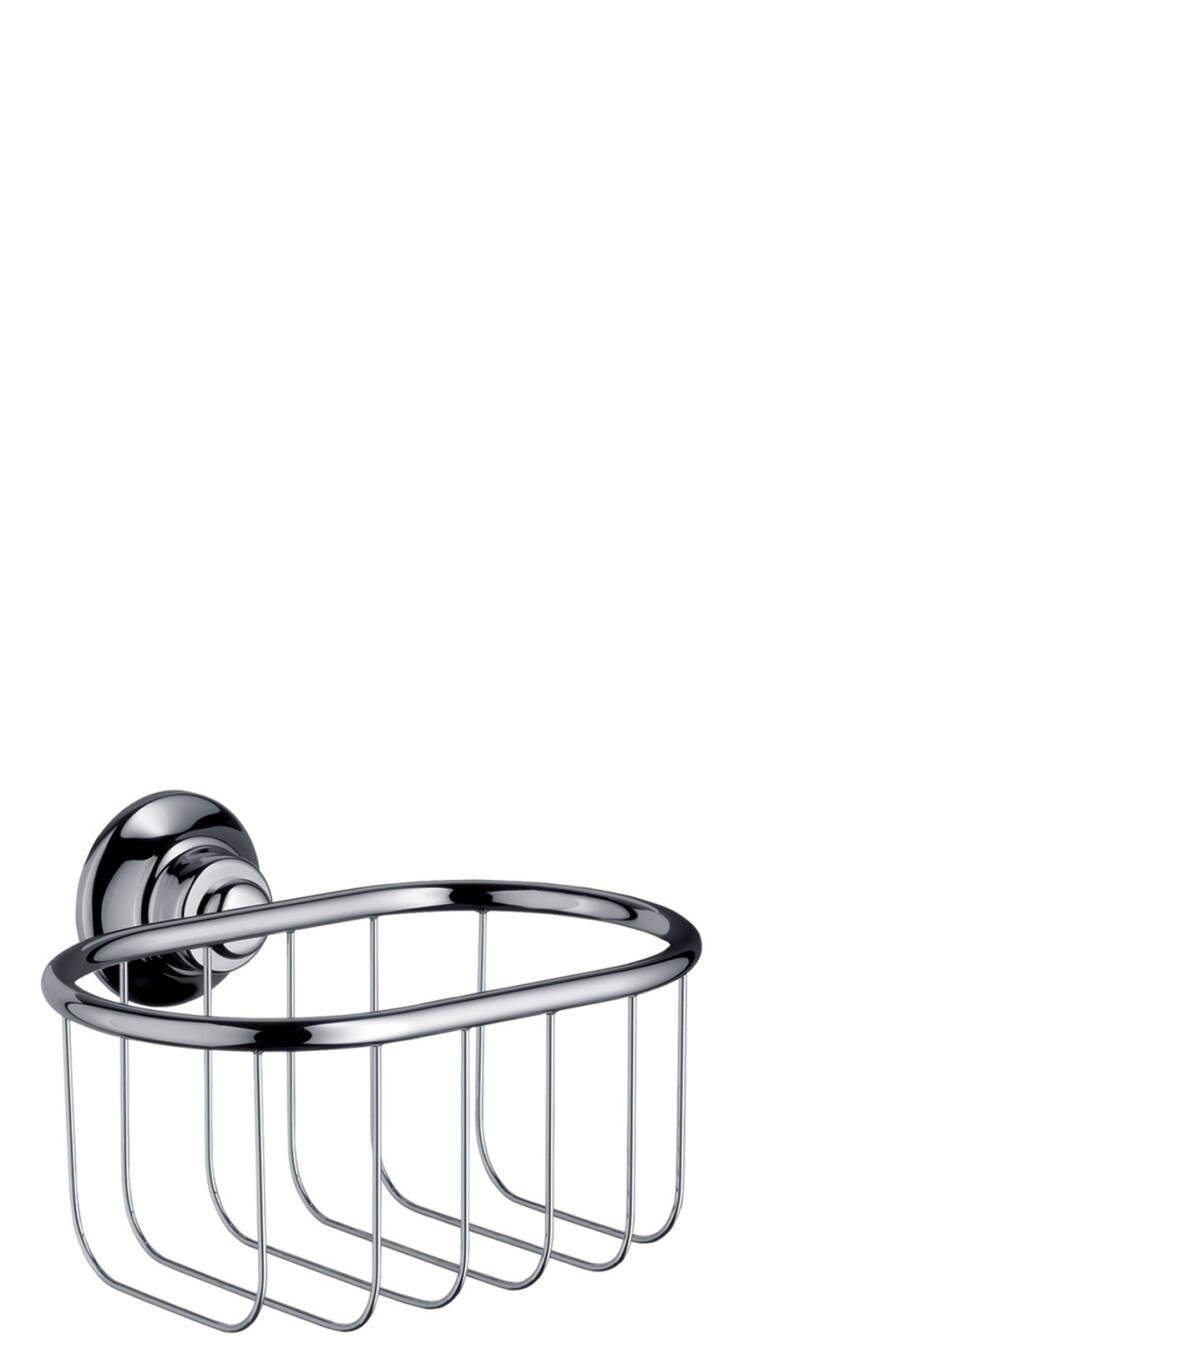 Corner basket 160/101, Chrome, 42065000